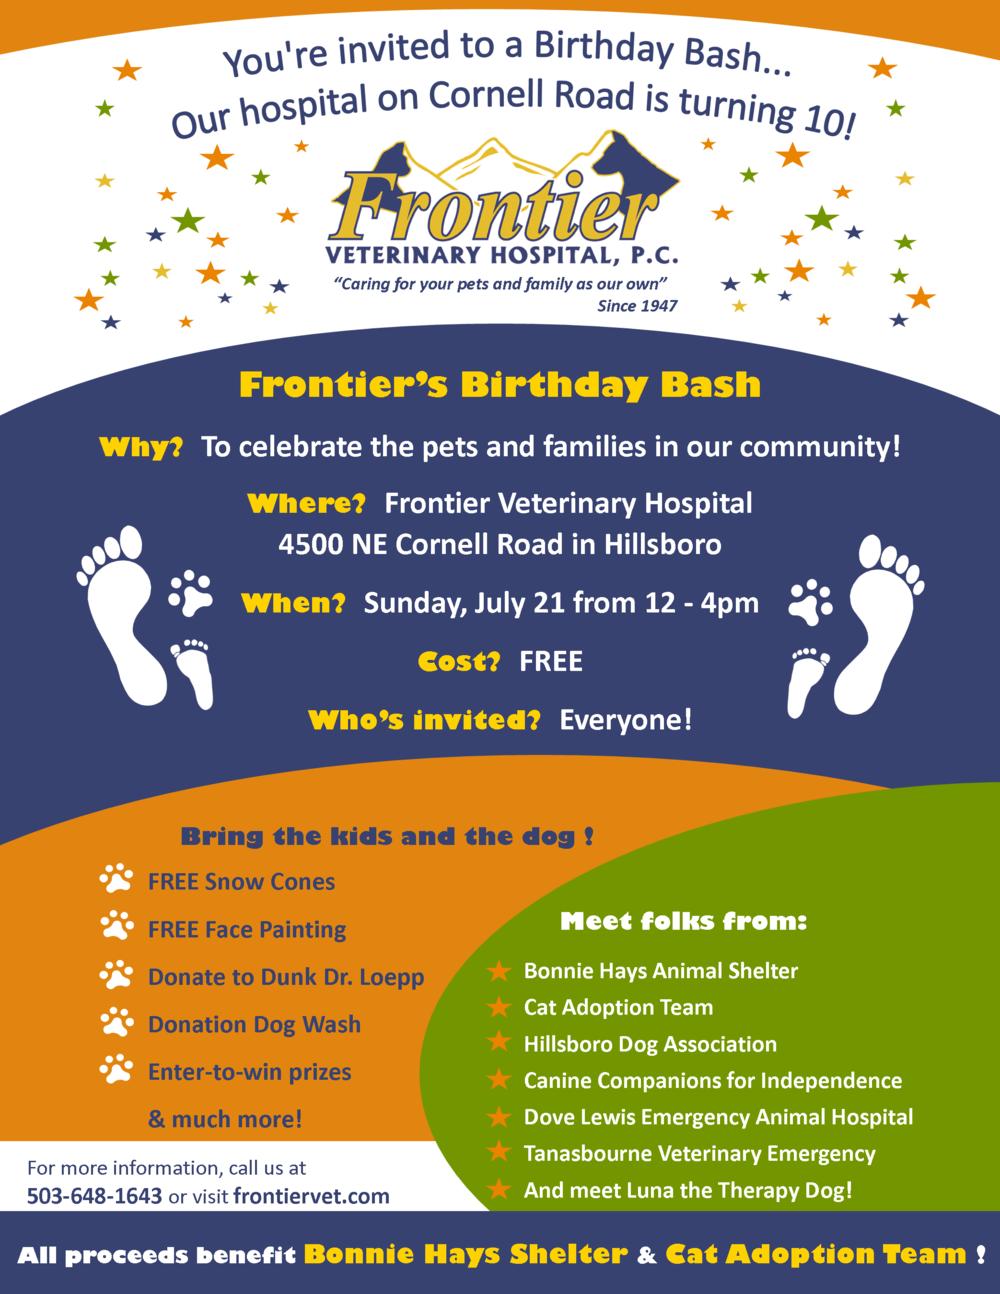 frontier_vet_bday.png